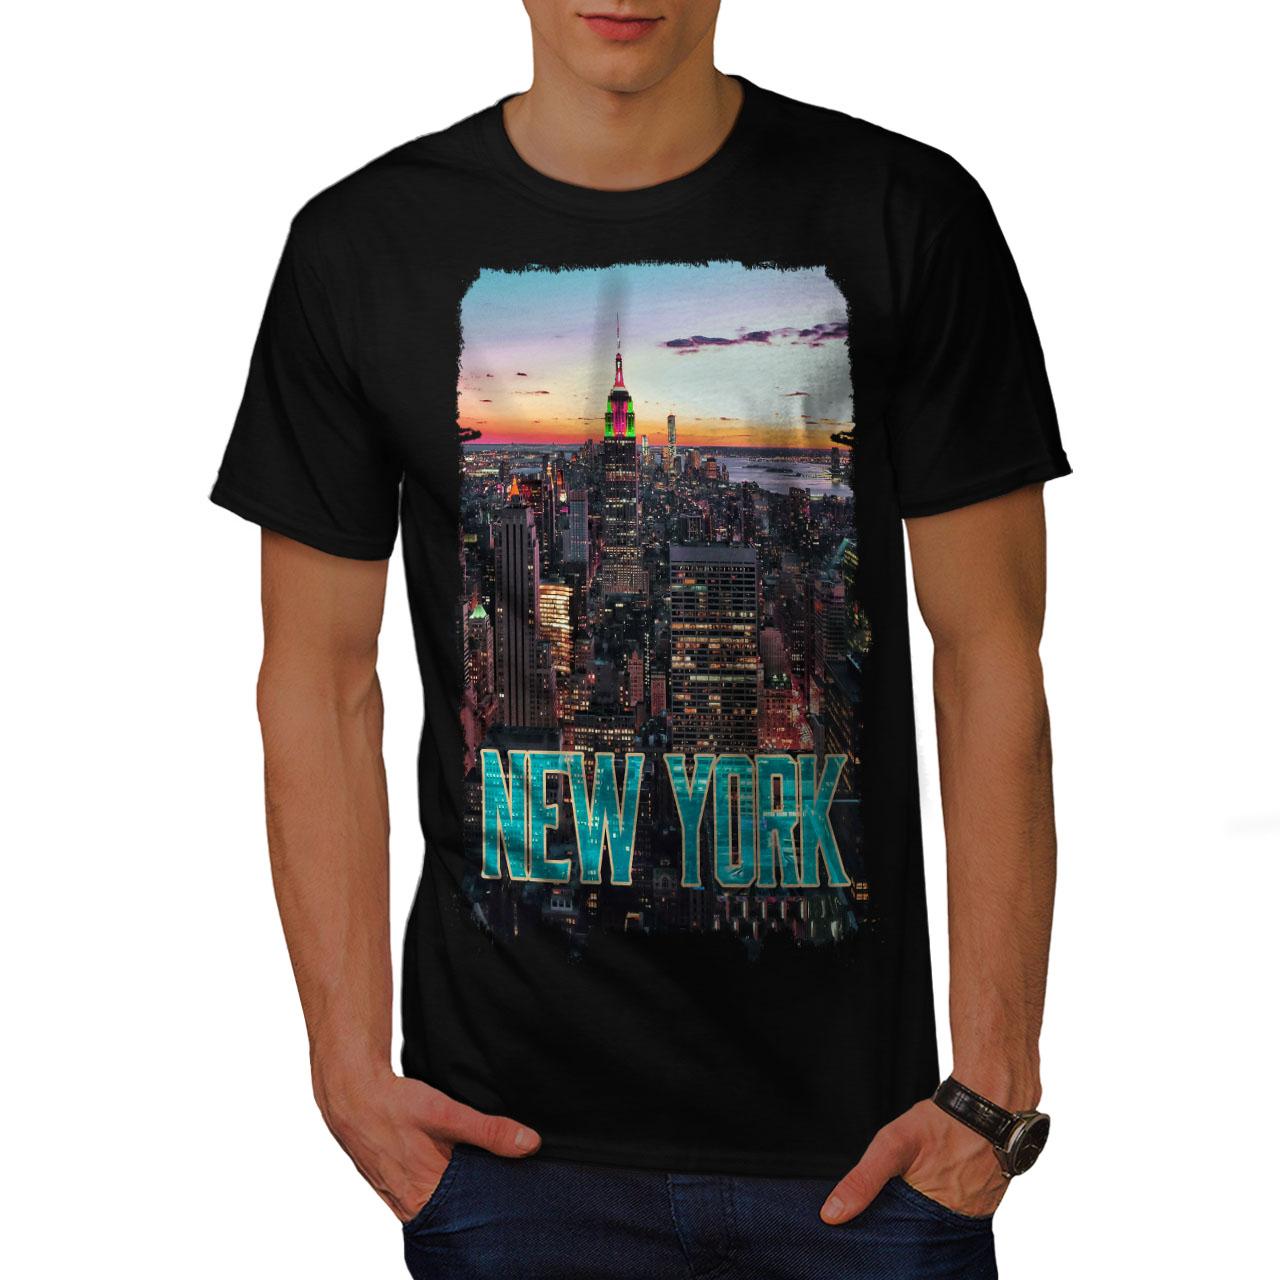 American Graphic Design Printed Tee Wellcoda New York Sunset City Mens T-shirt